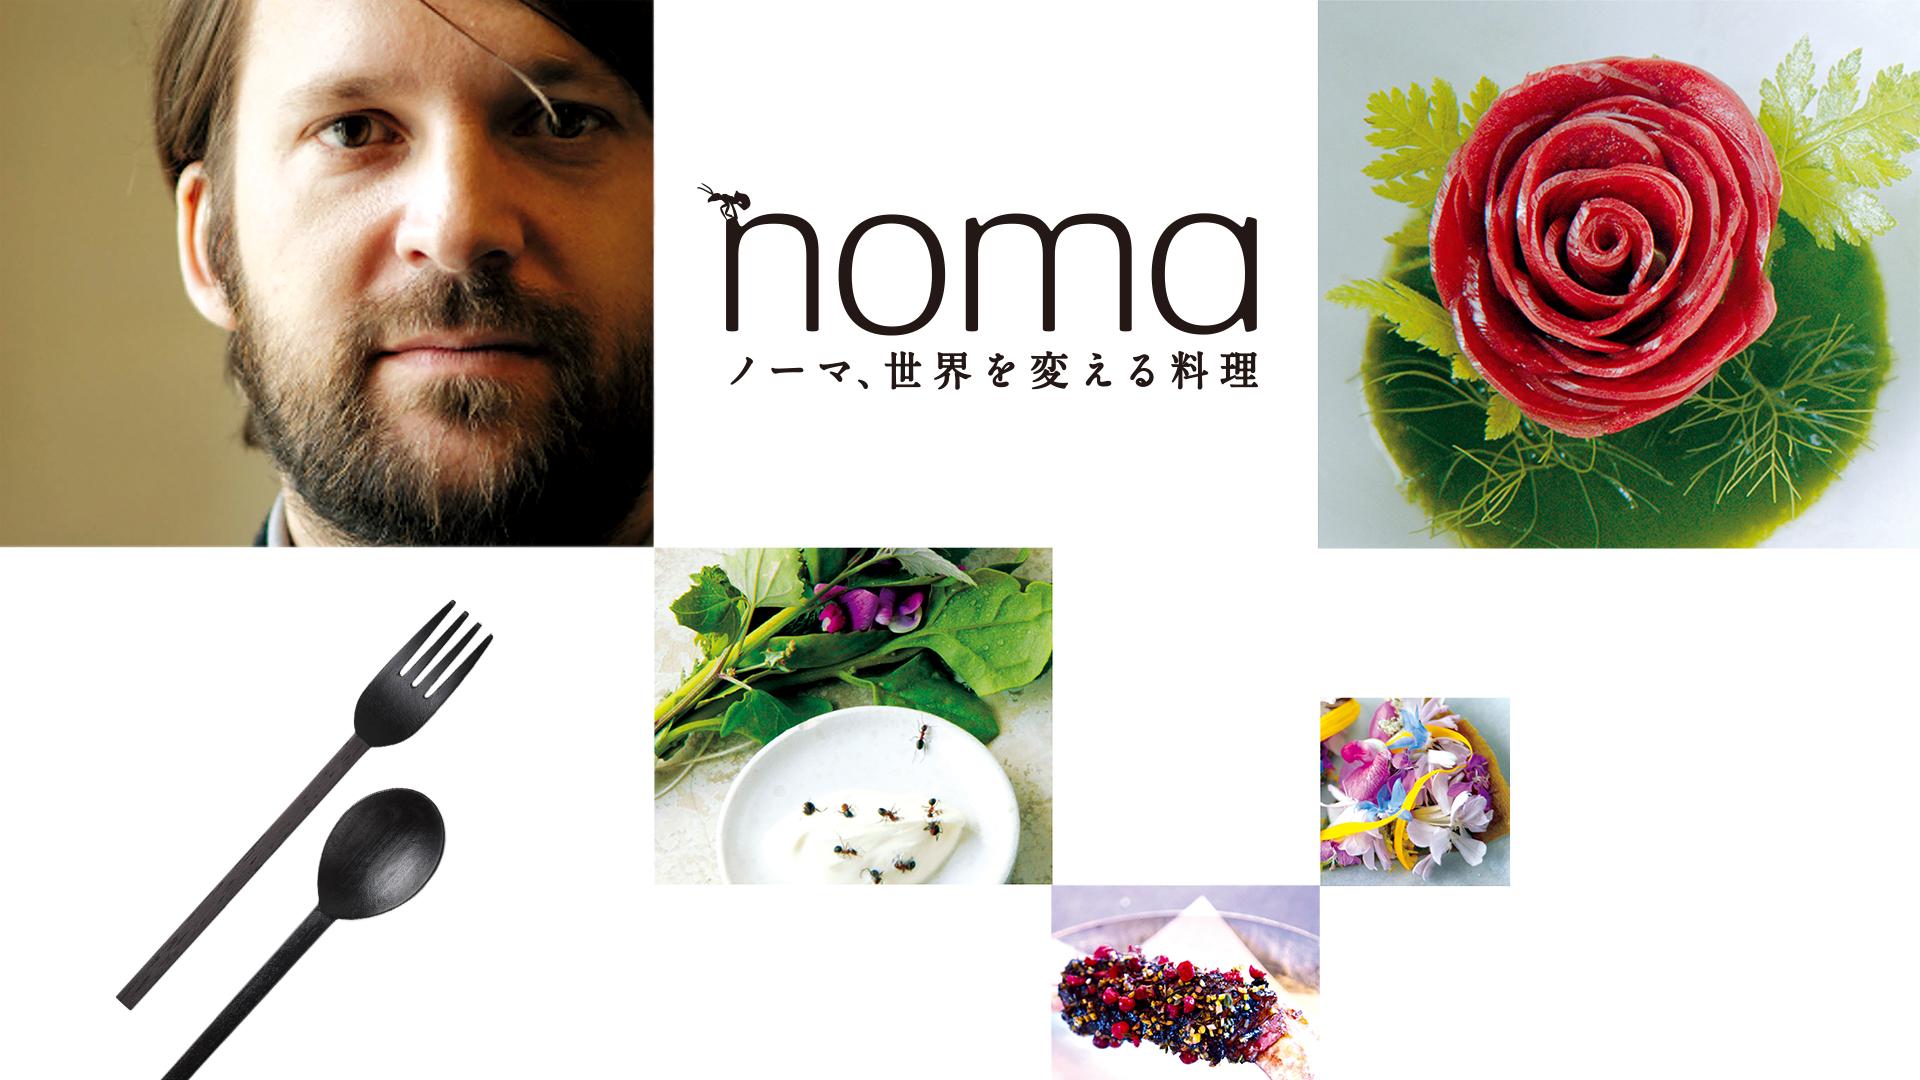 ノーマ、世界を変える料理(字幕版)